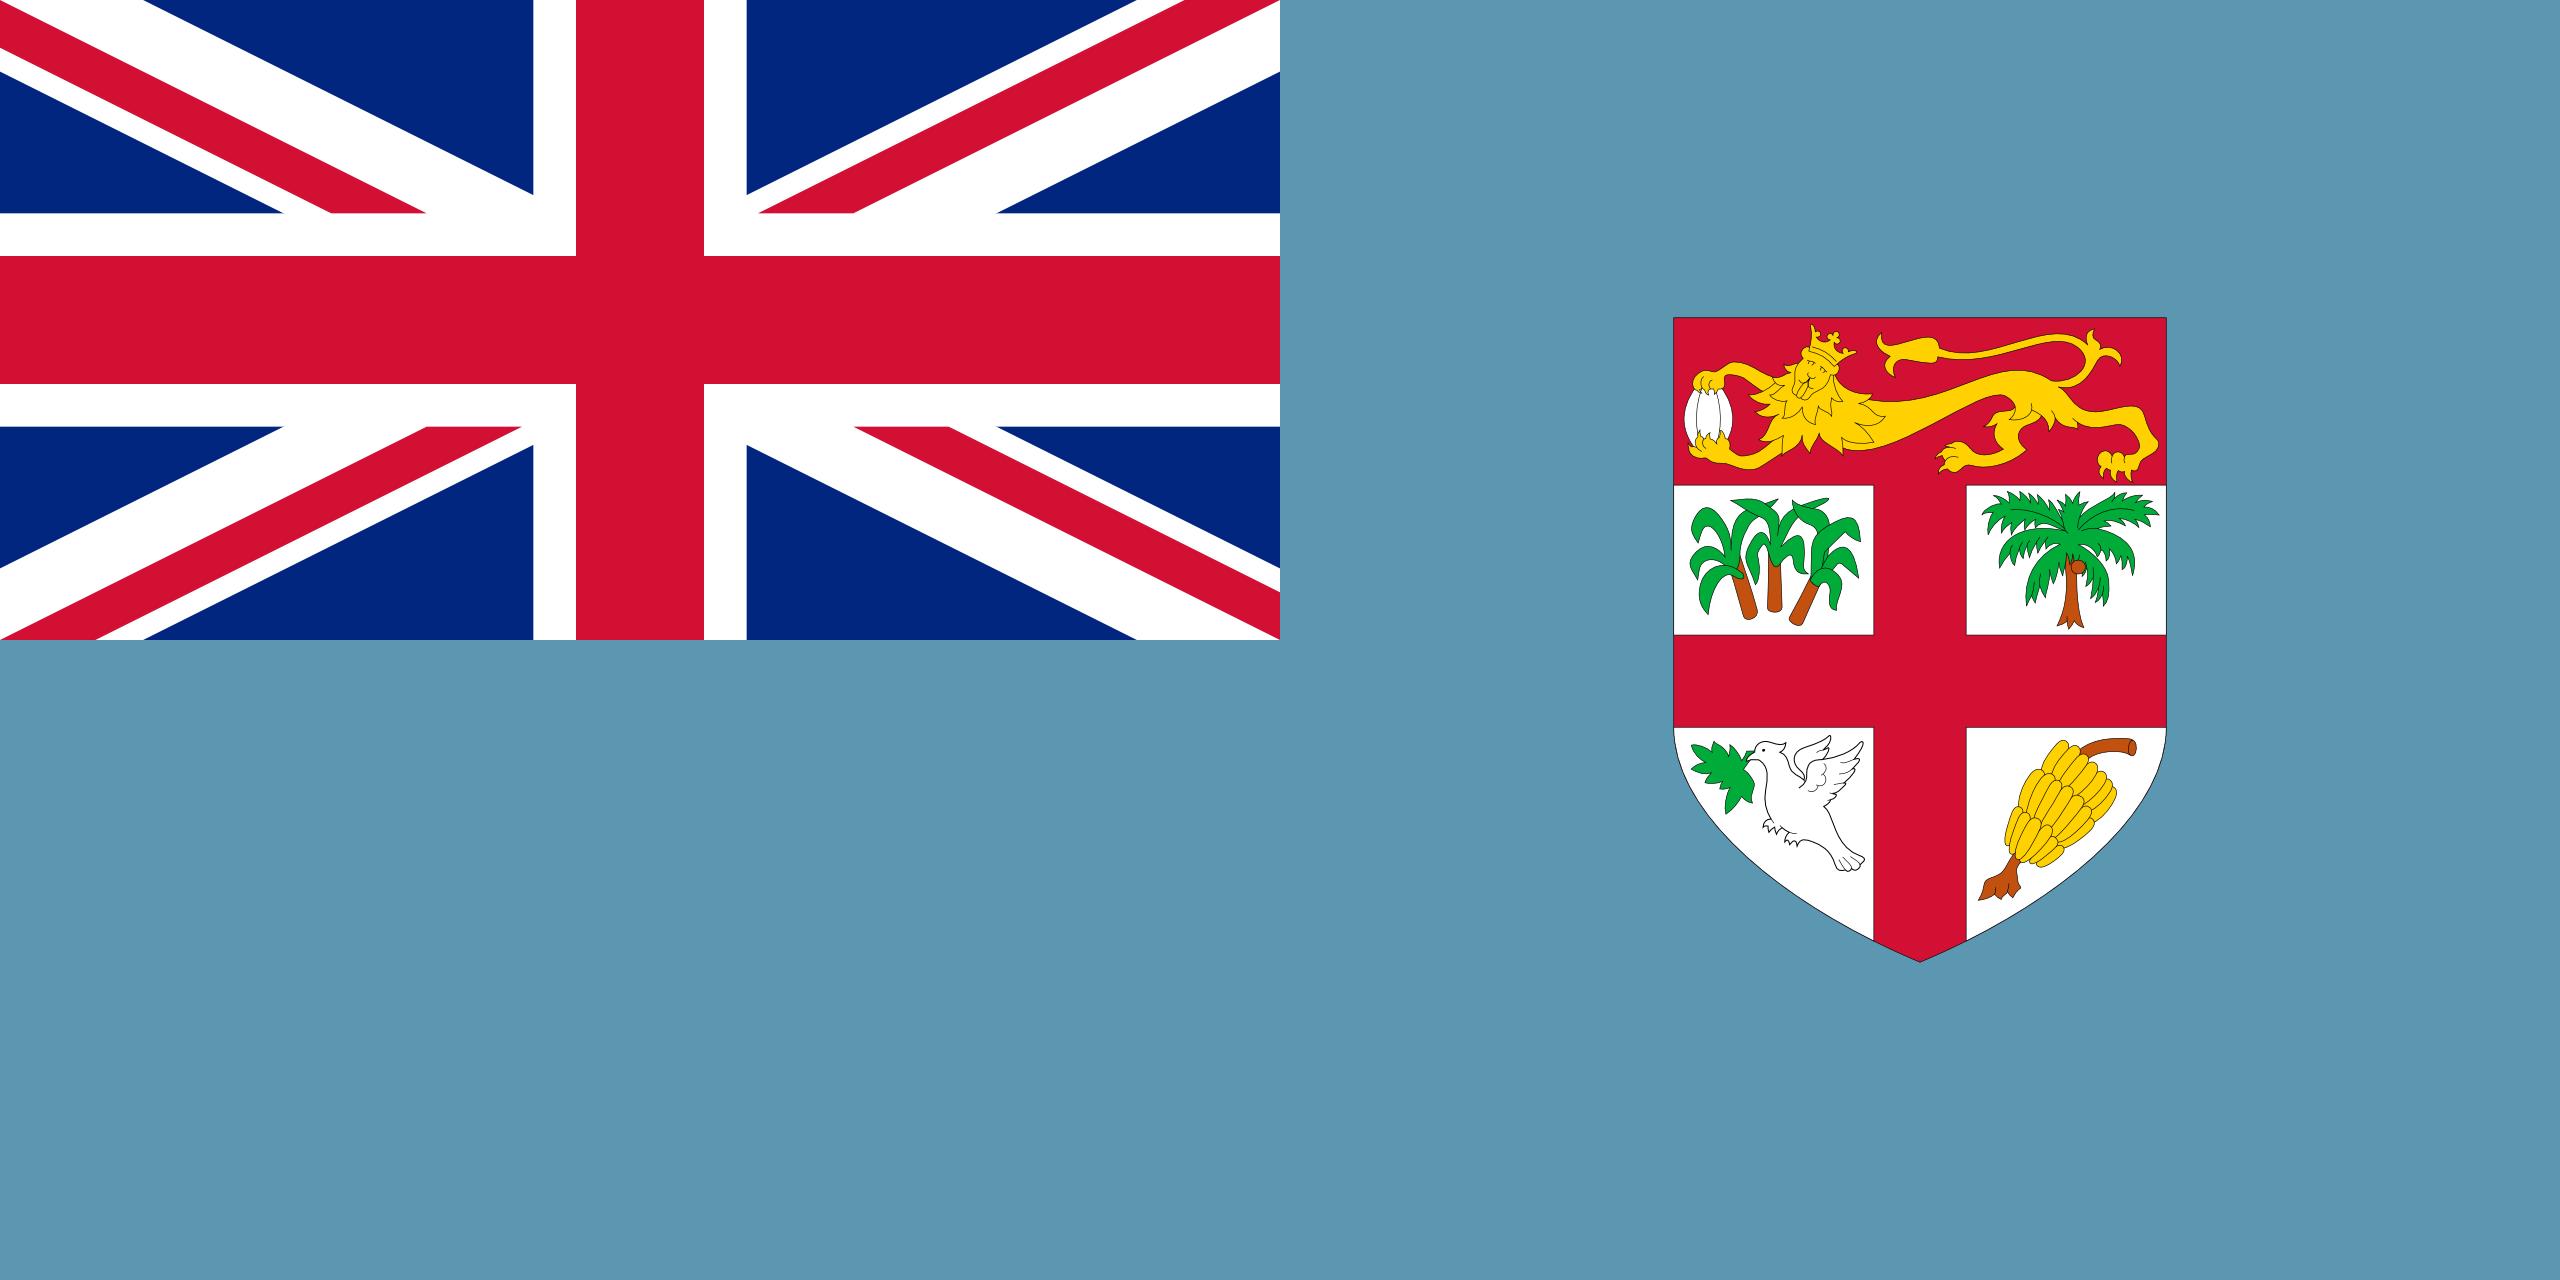 fiyi, 国家, 会徽, 徽标, 符号 - 高清壁纸 - 教授-falken.com